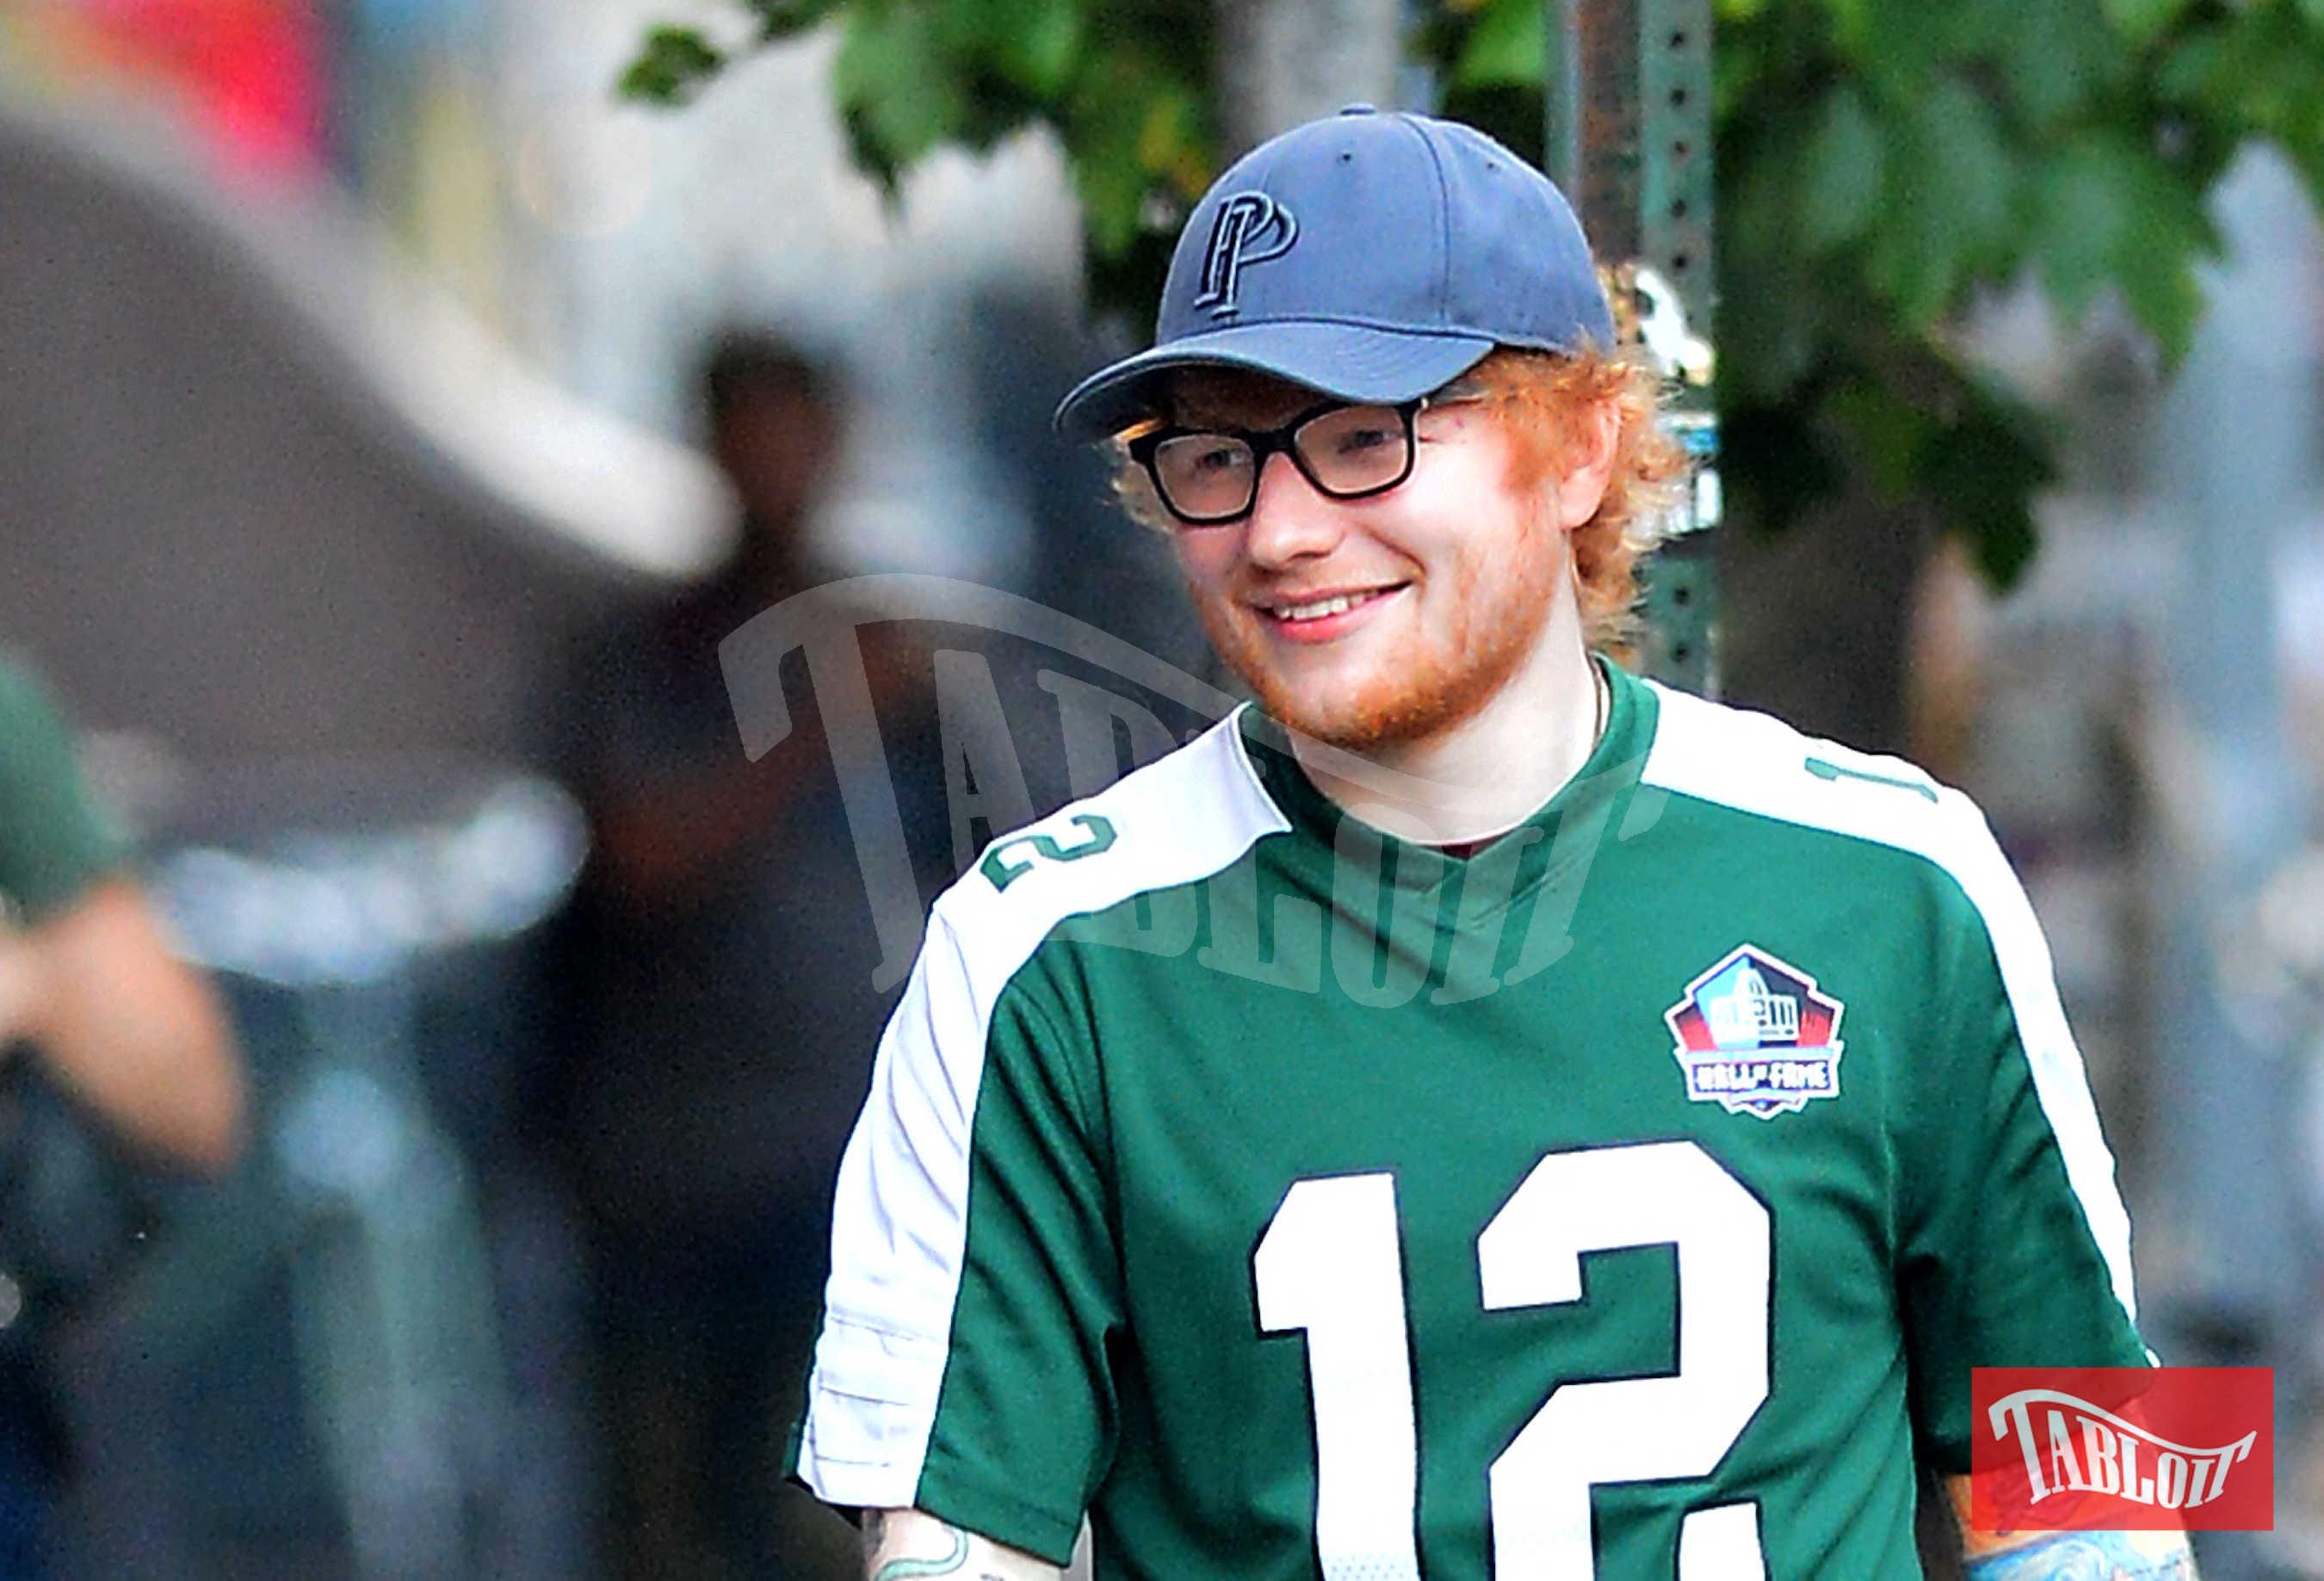 """Ed Sheeran ha vinto numerosi premi nella sua carriera. Tra questi anche due Grammy nel 2016 per la canzone dell'anno (""""Thinking Out Loud"""") e per la miglior performance pop"""